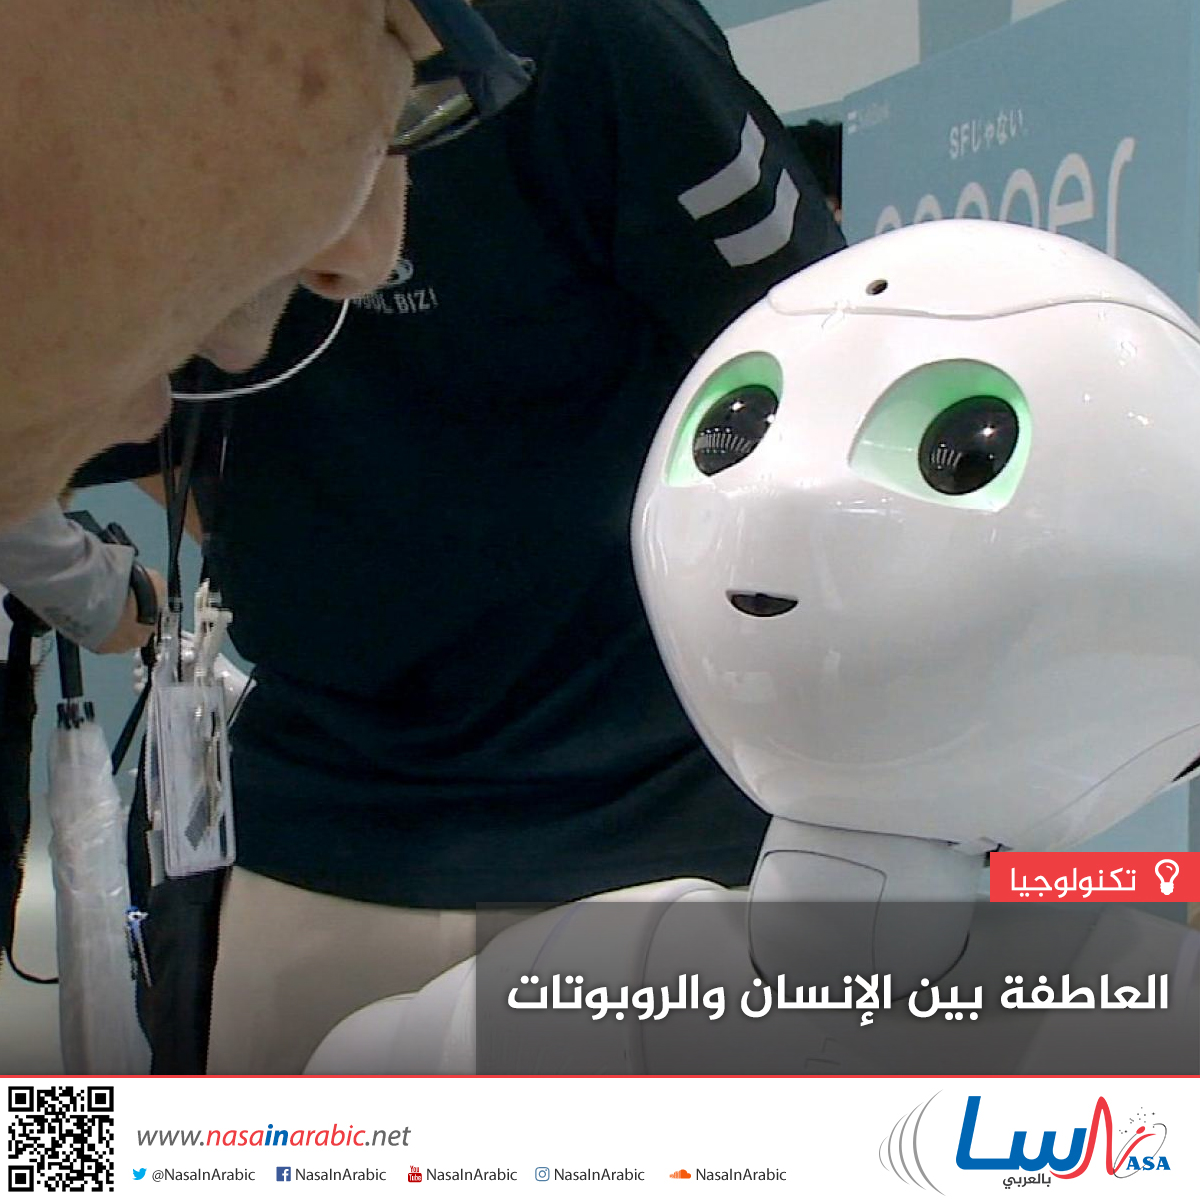 العاطفة بين الإنسان والروبوتات